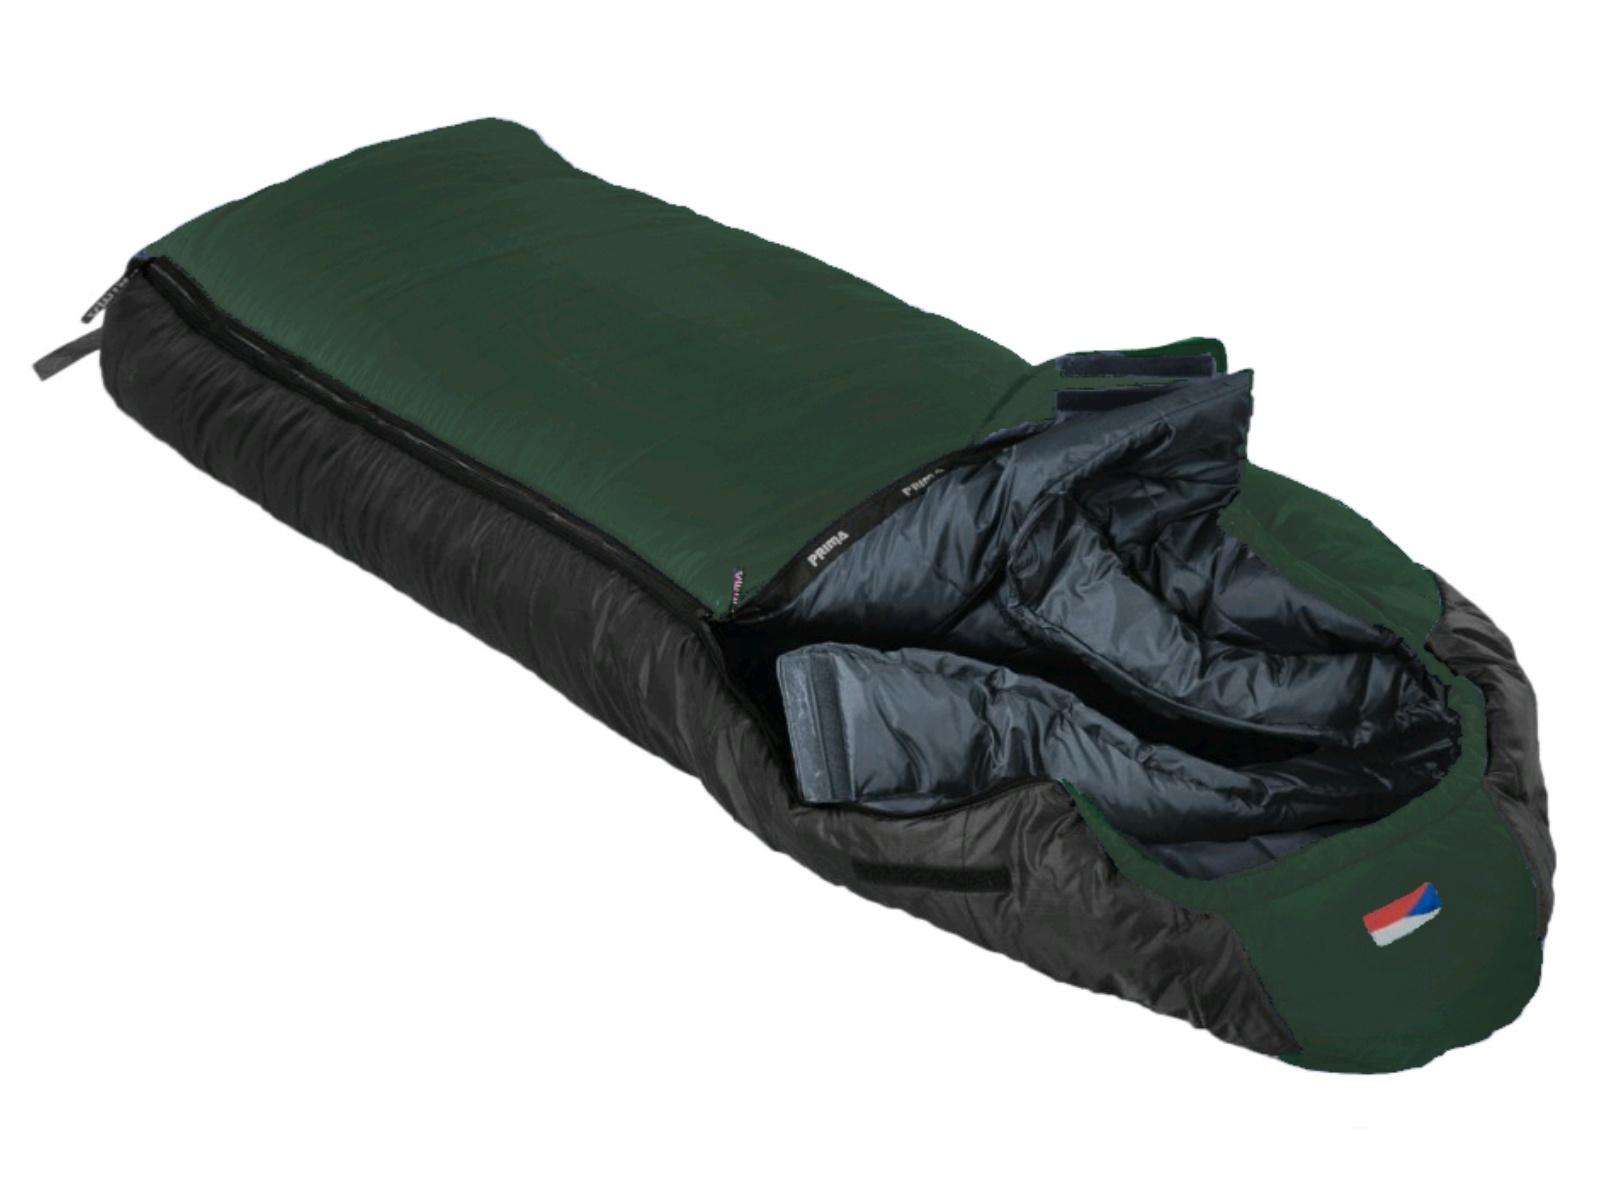 Spací pytel PRIMA Everest 220/90 zelený - levý zip